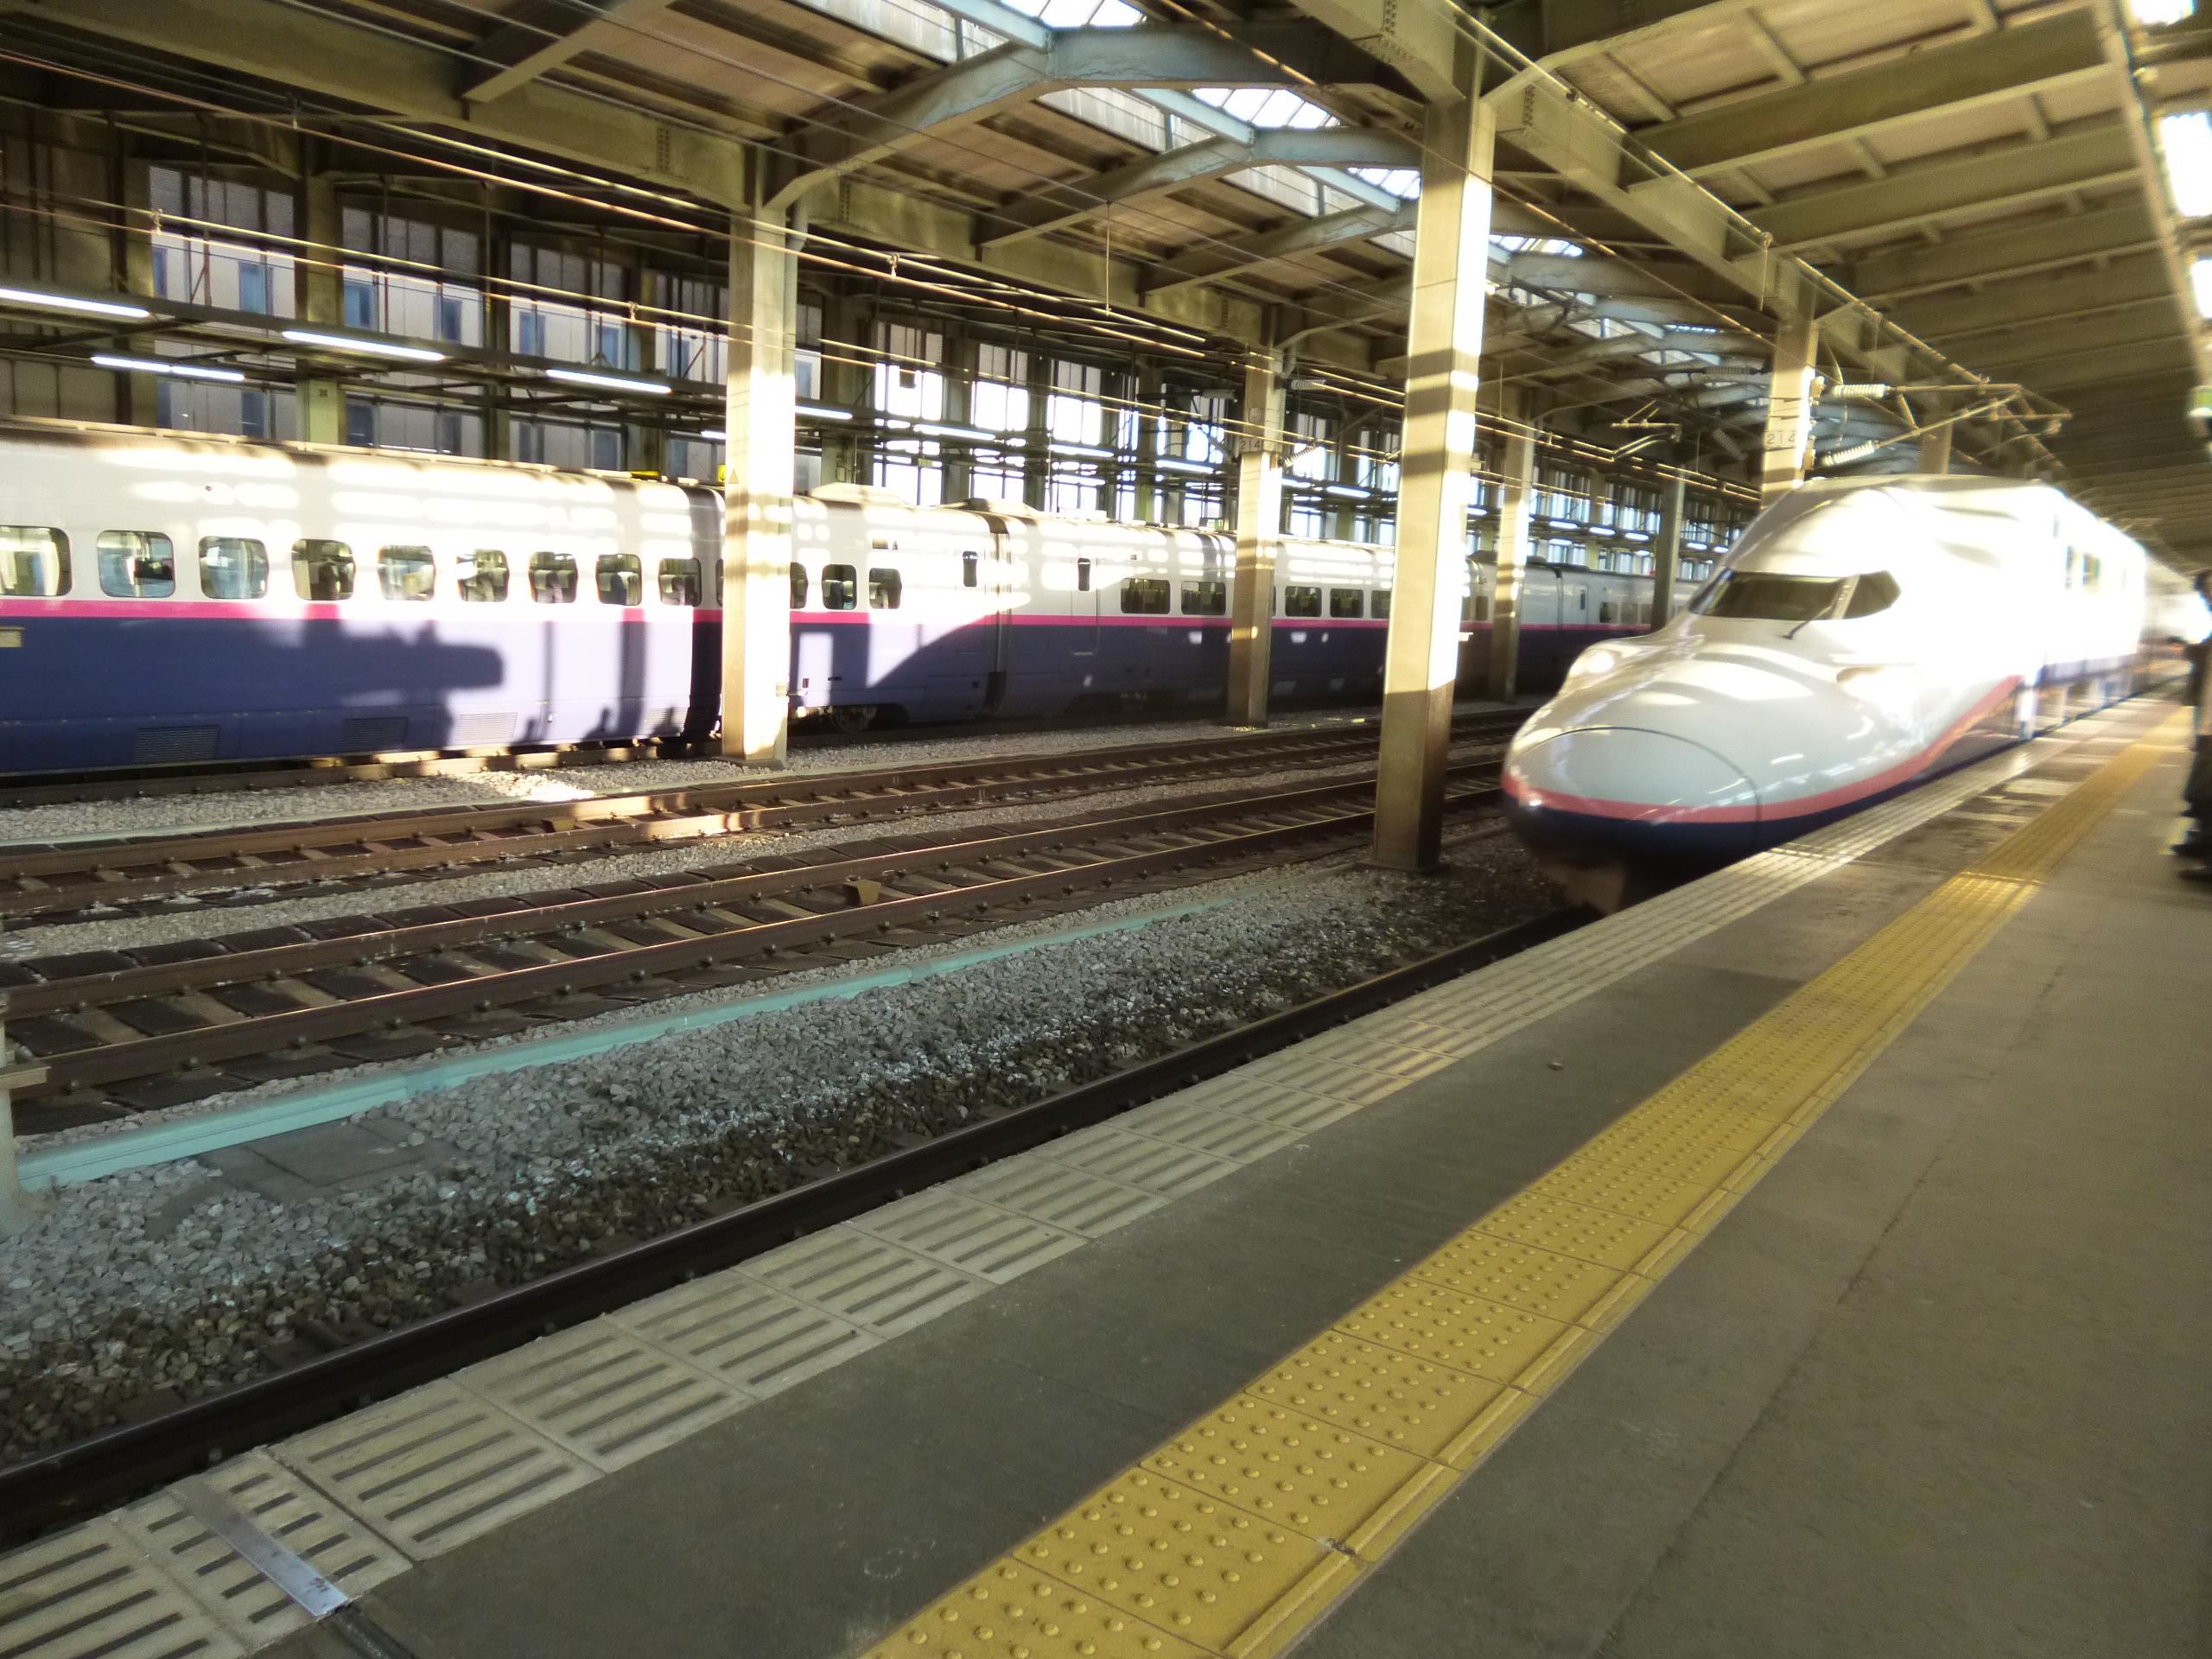 【ディズニーランド】新潟から日帰りできるの!?【高速バス・車・新幹線】